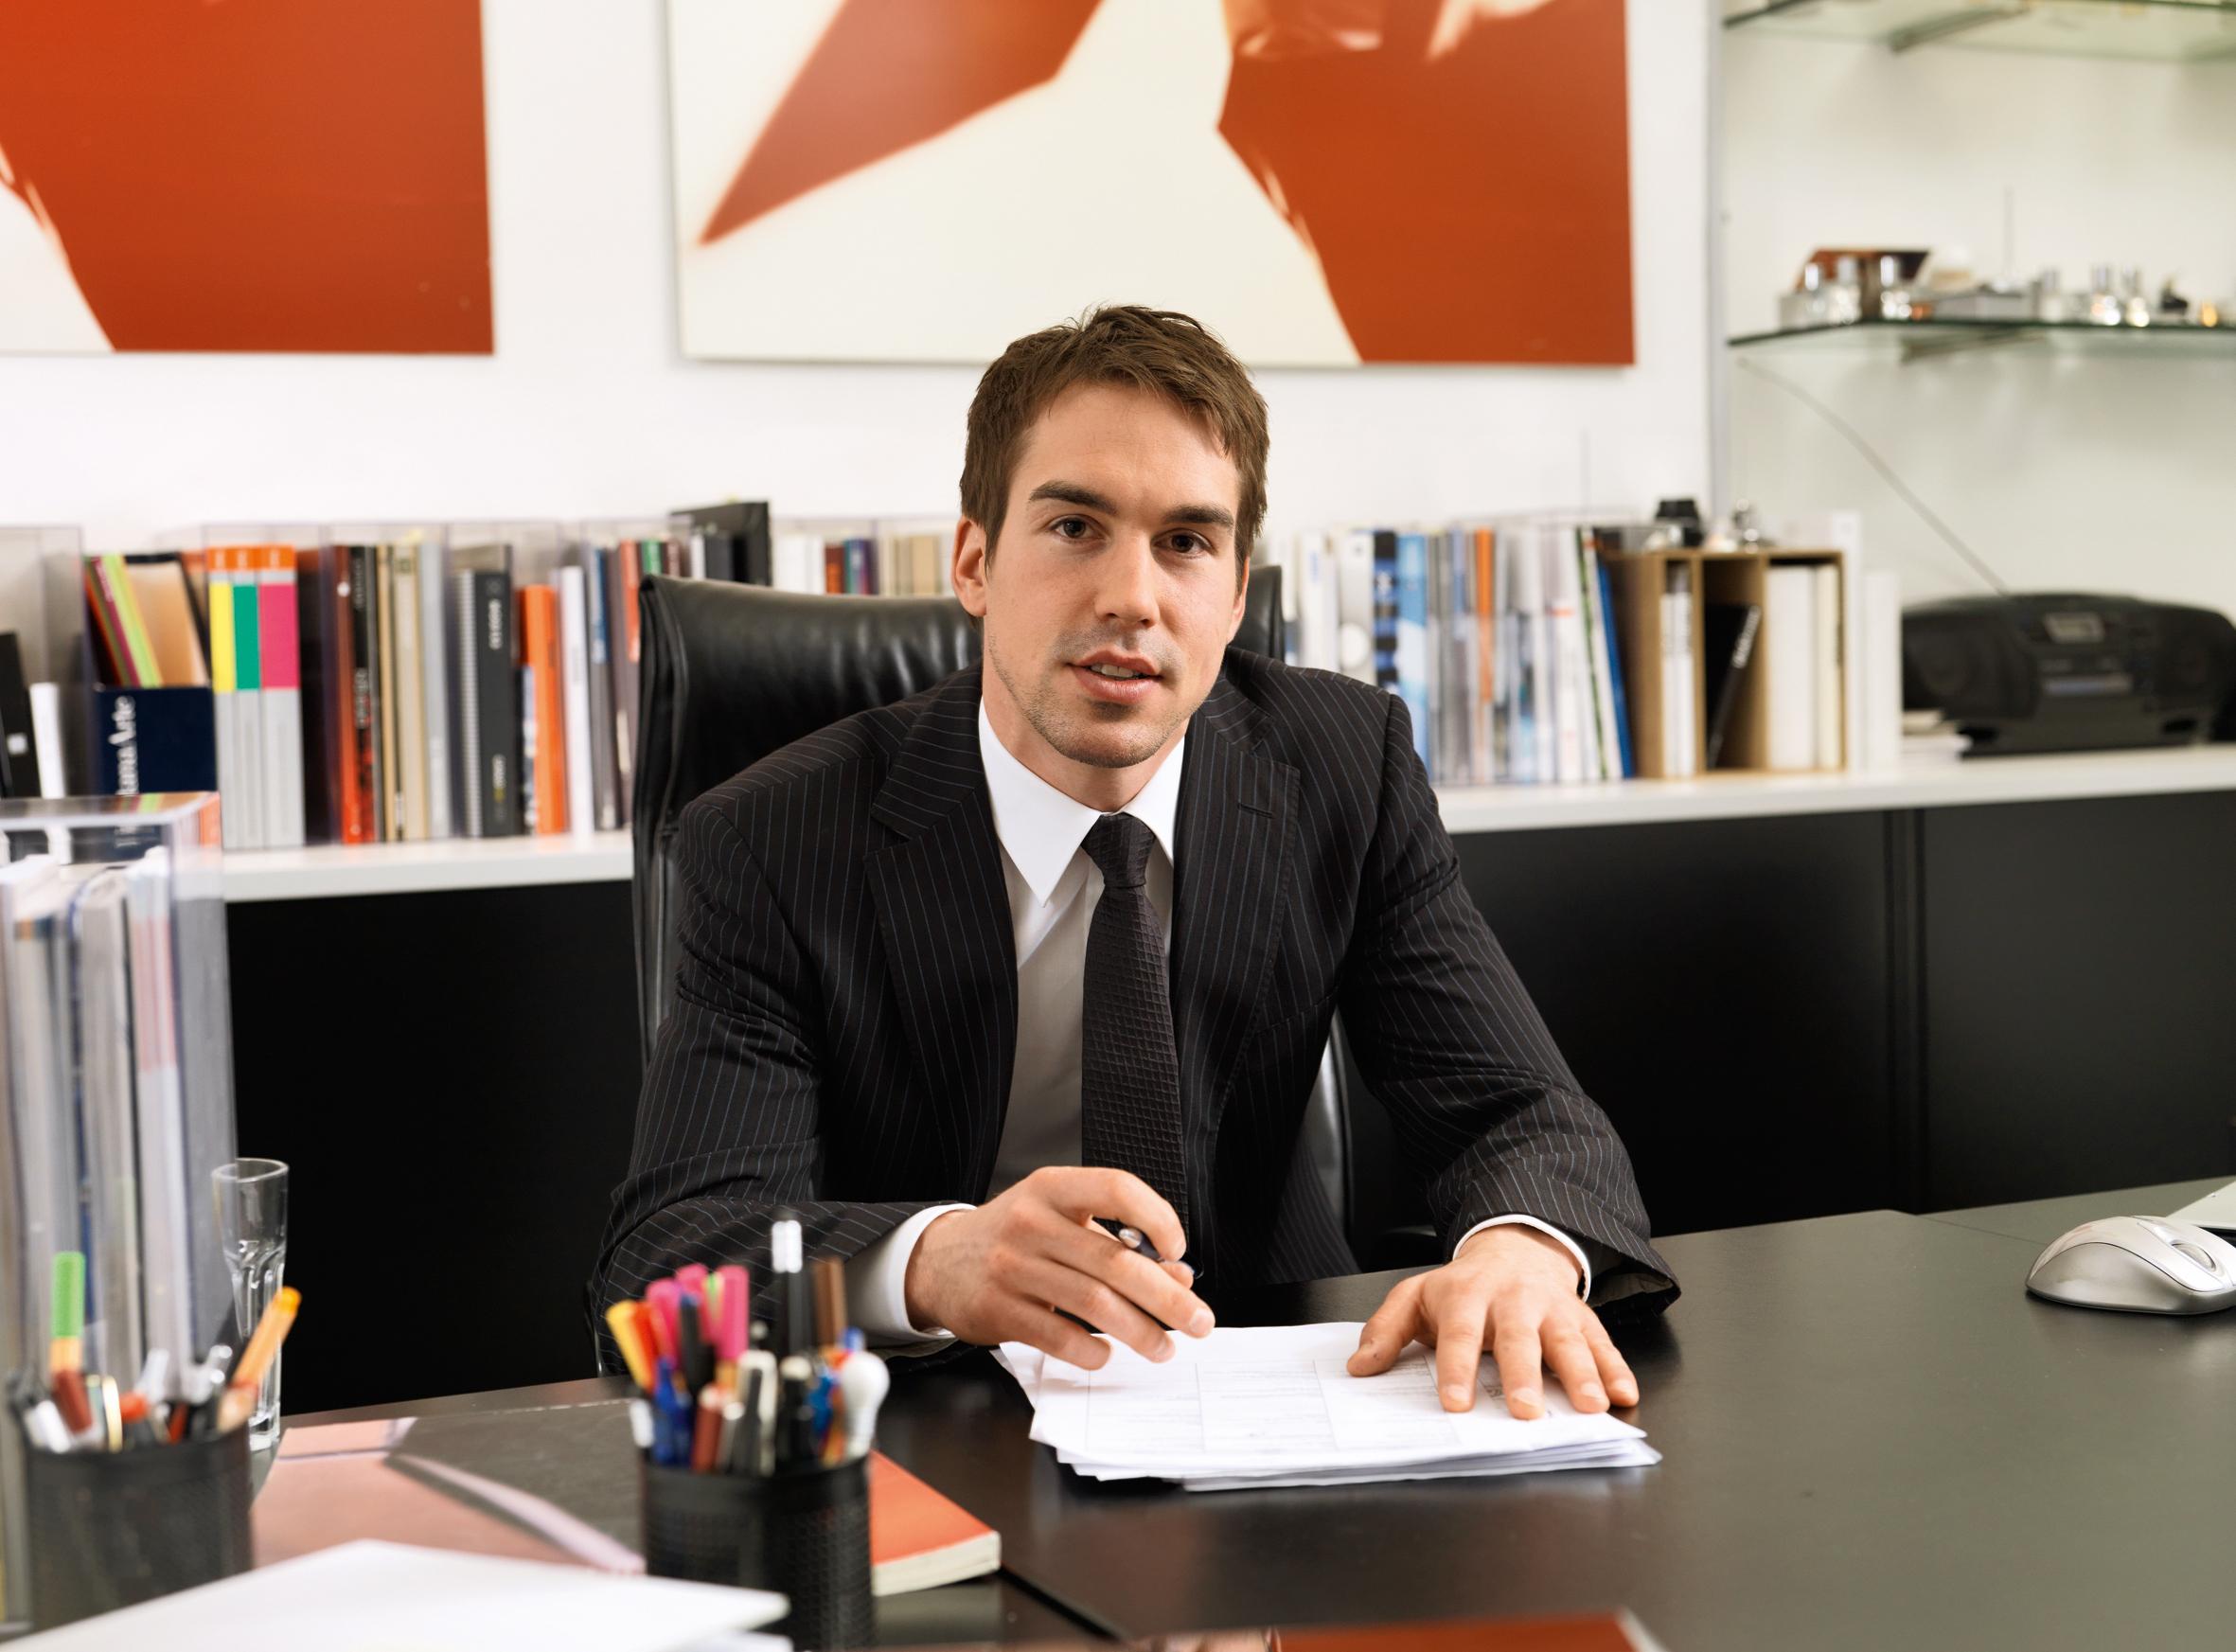 Muškarac za radnim stolom